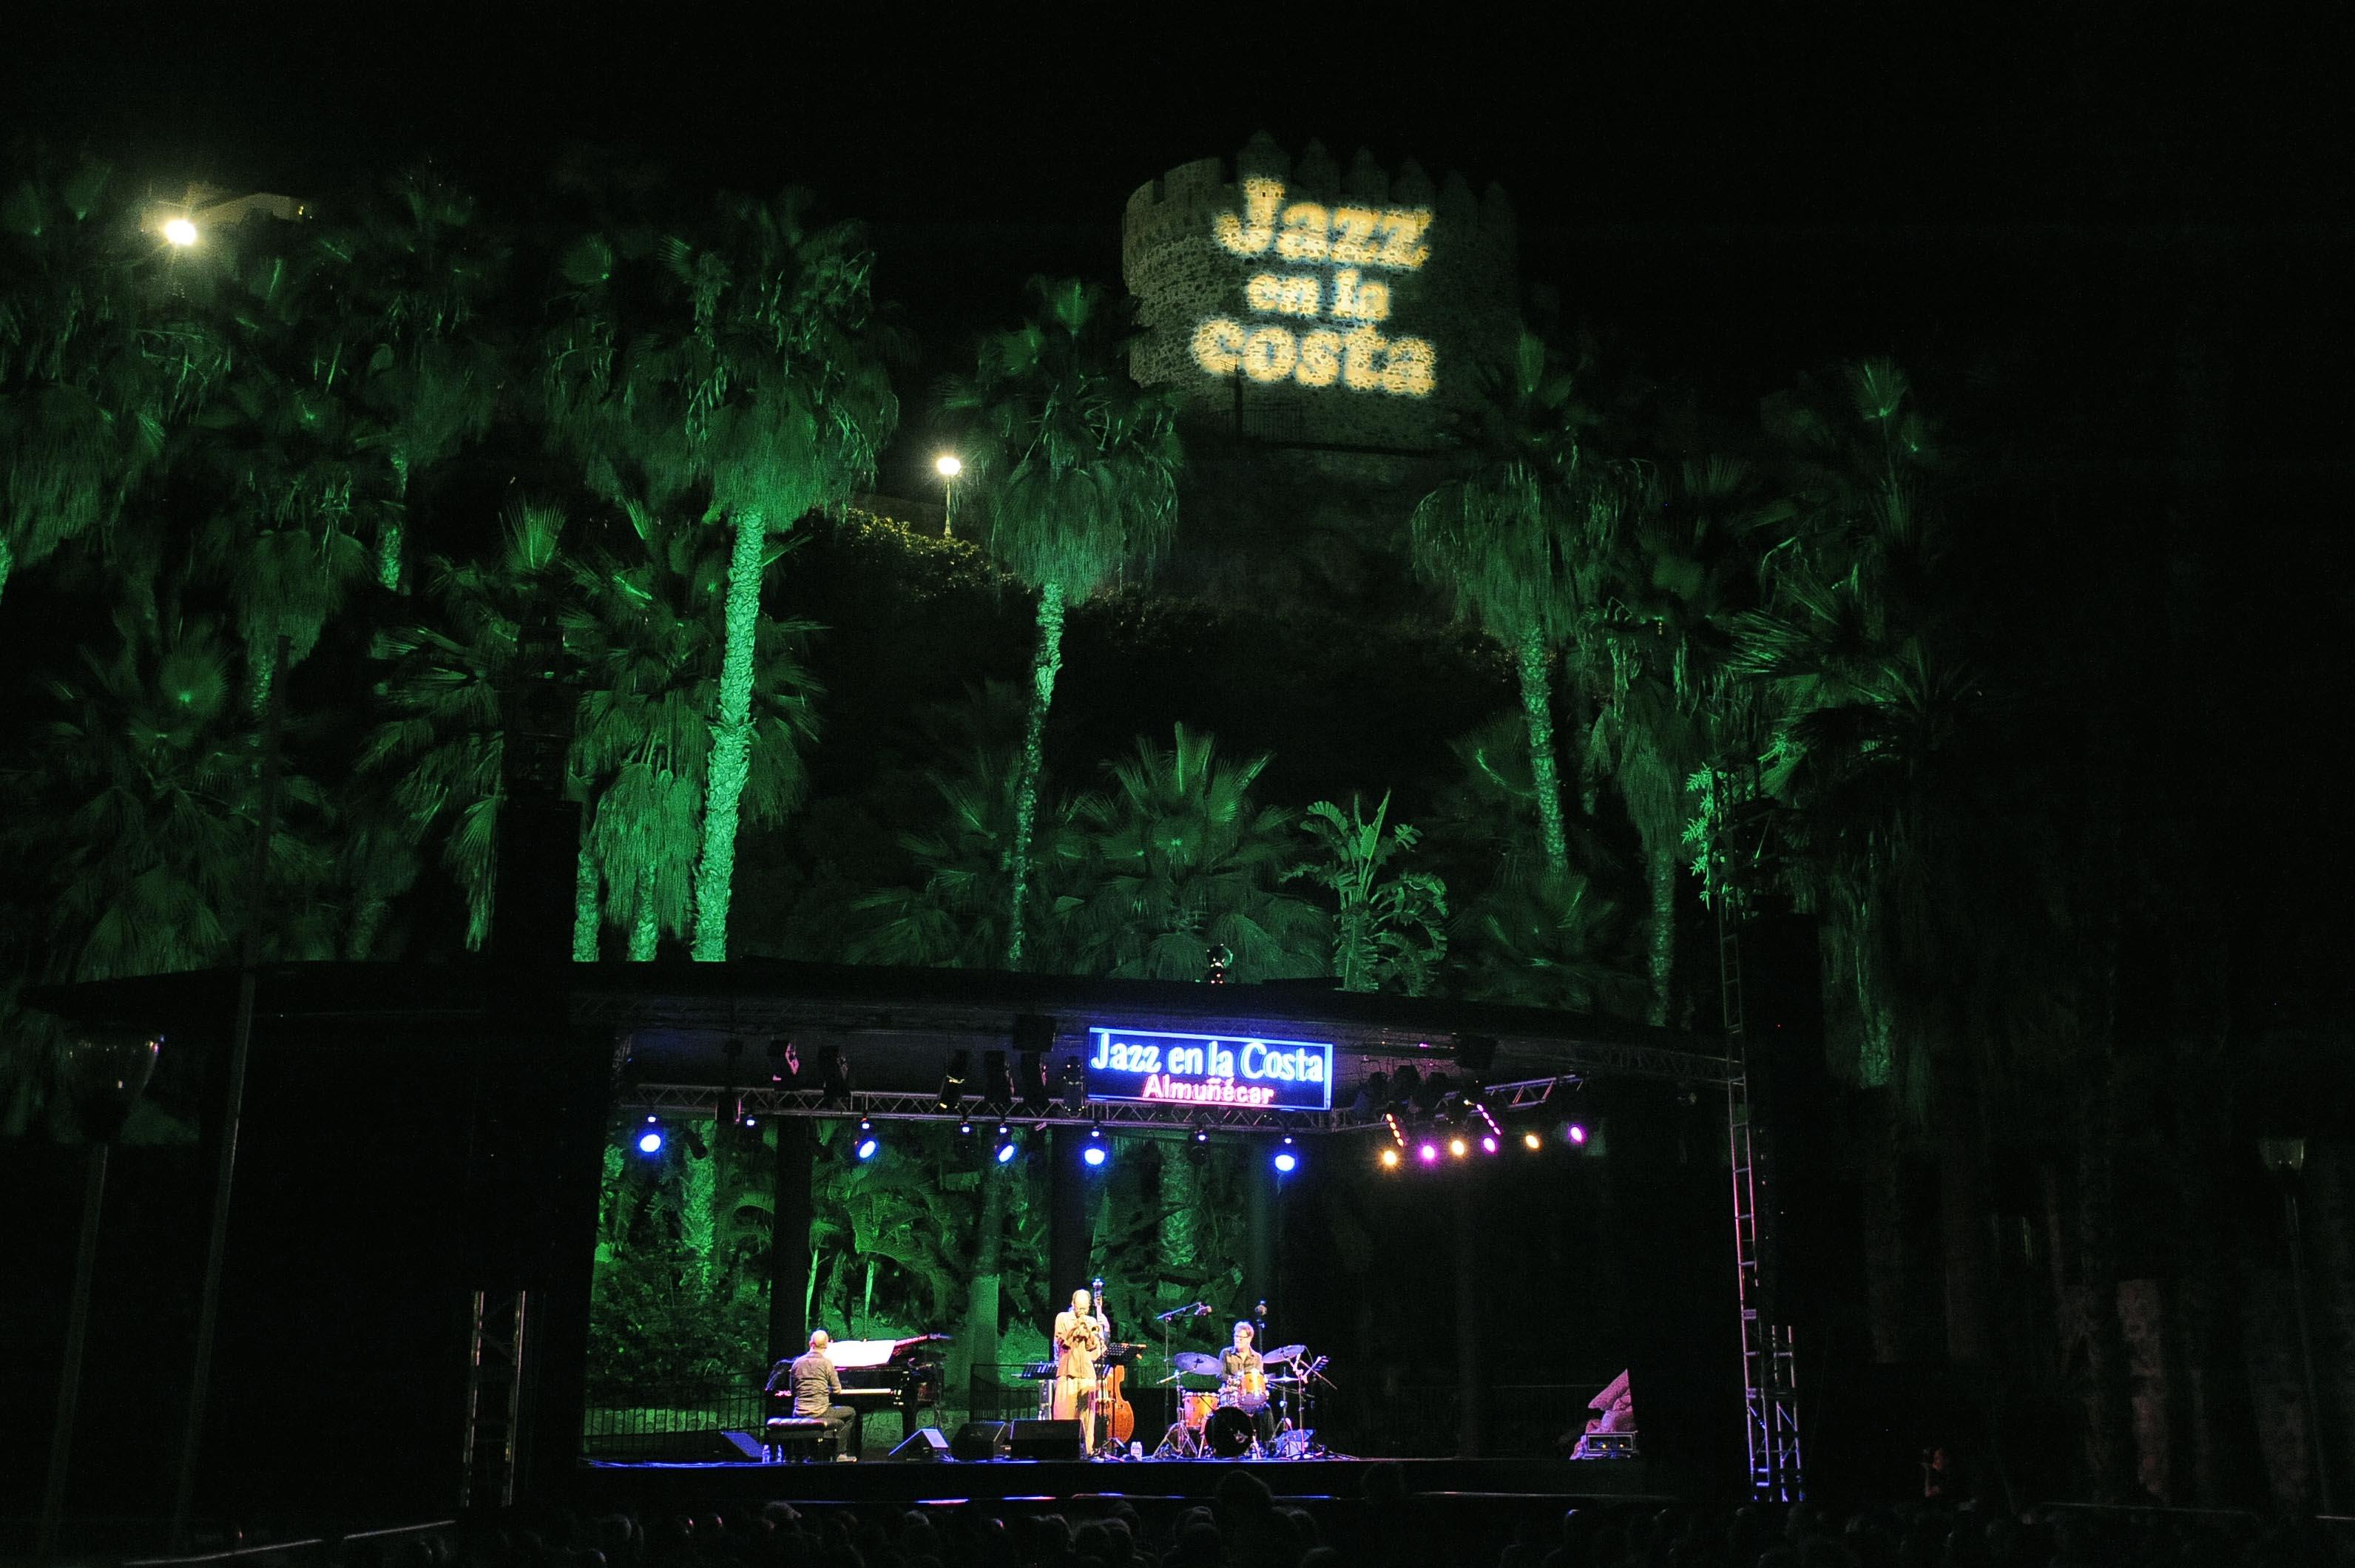 Parque. Jazz en la Costa